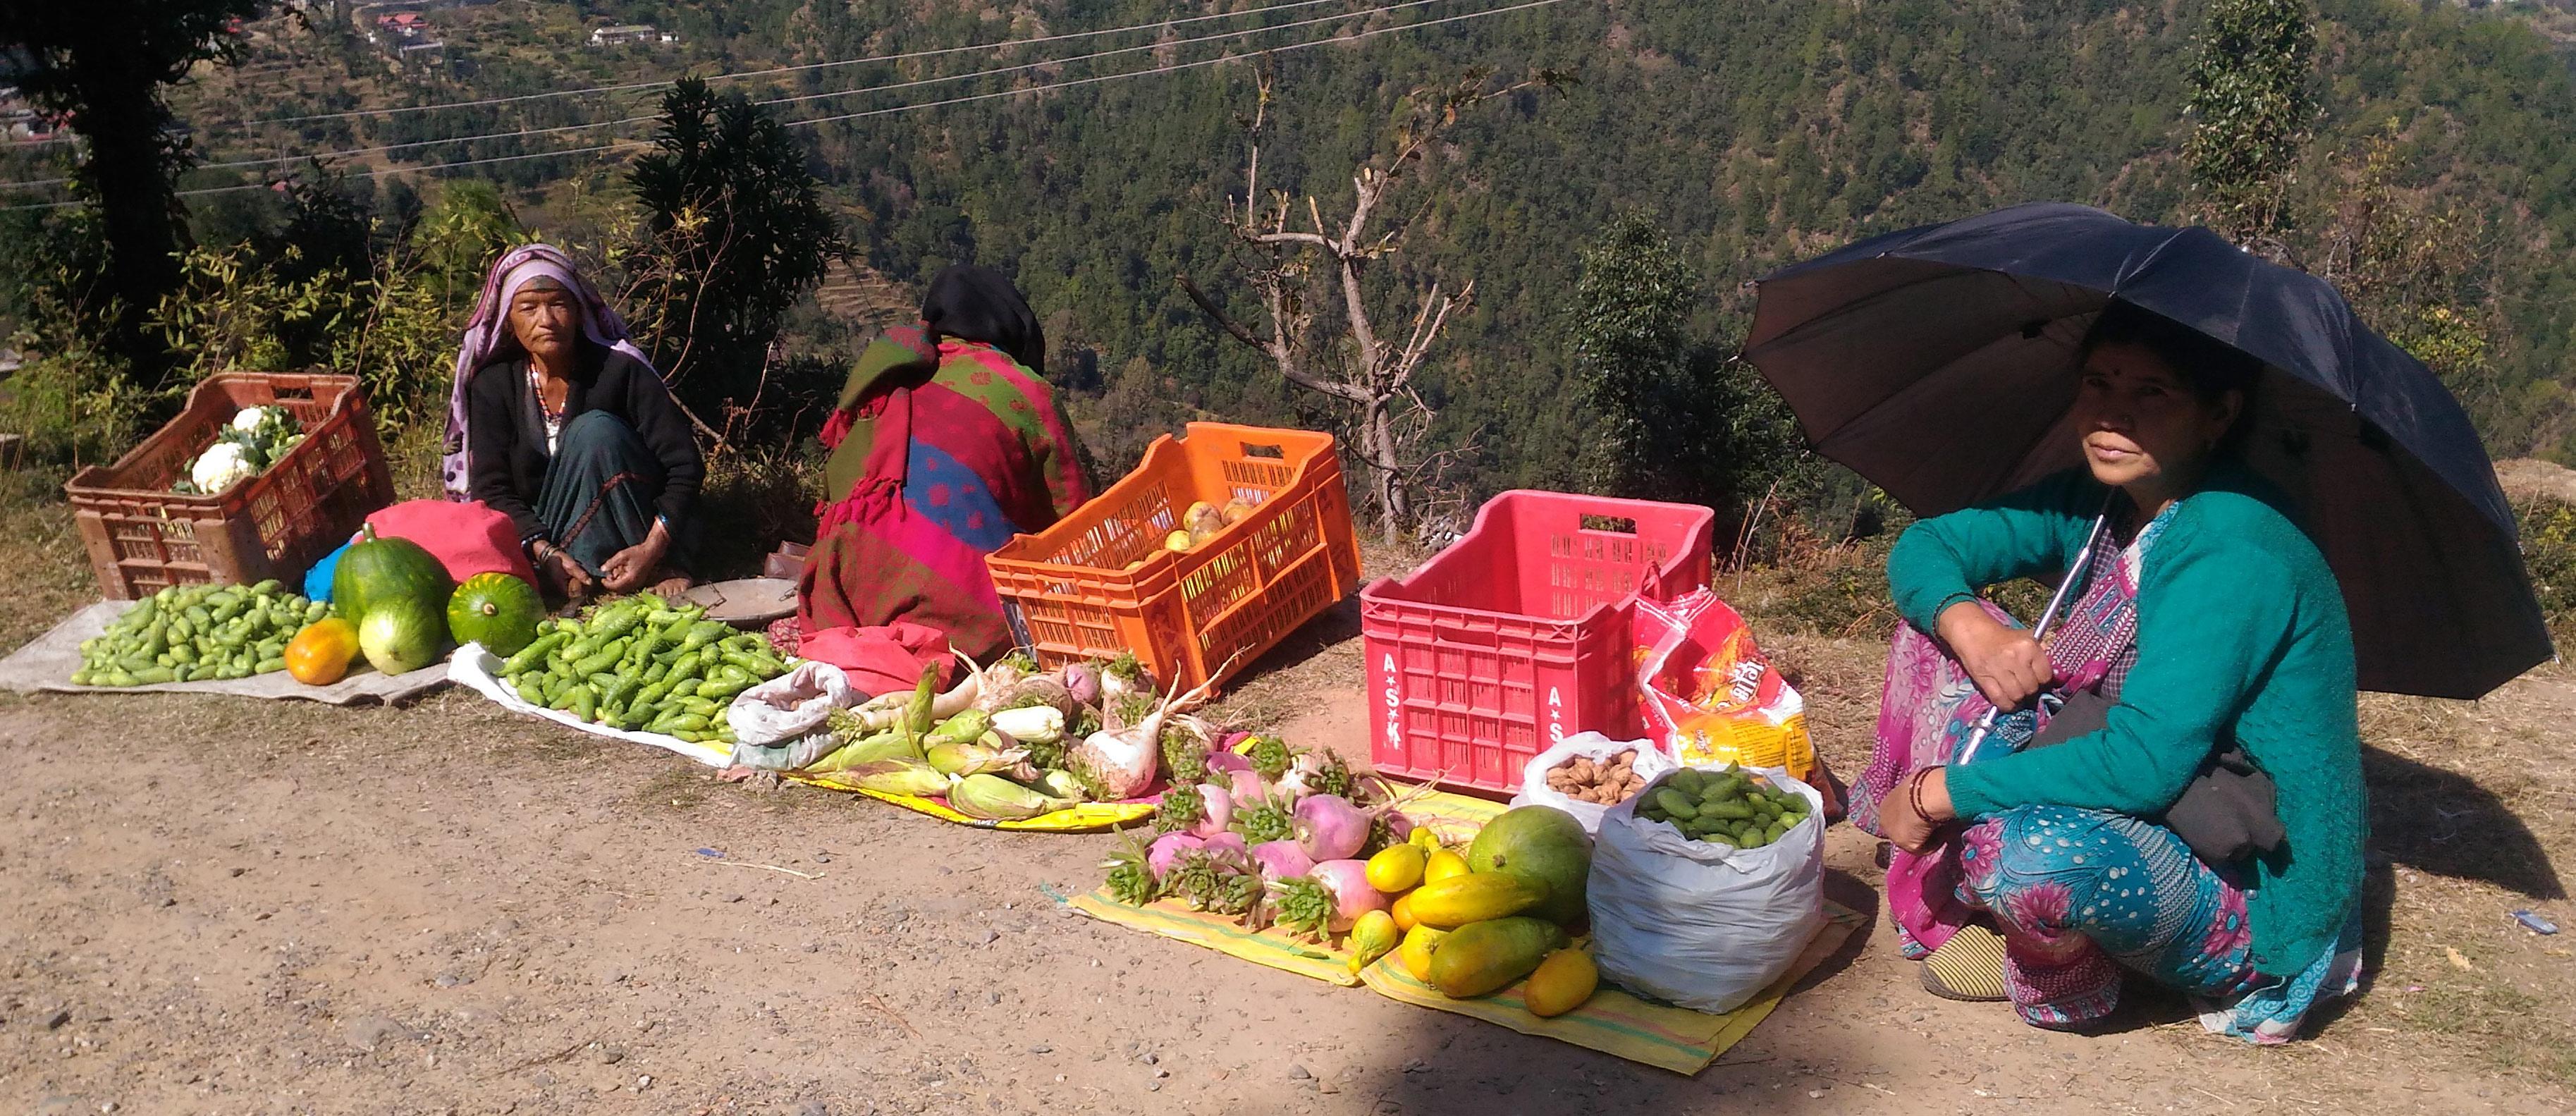 पहाड़ी क्षेत्र में सिमटती सामाजिक सोच और पर्वतीय कृषि